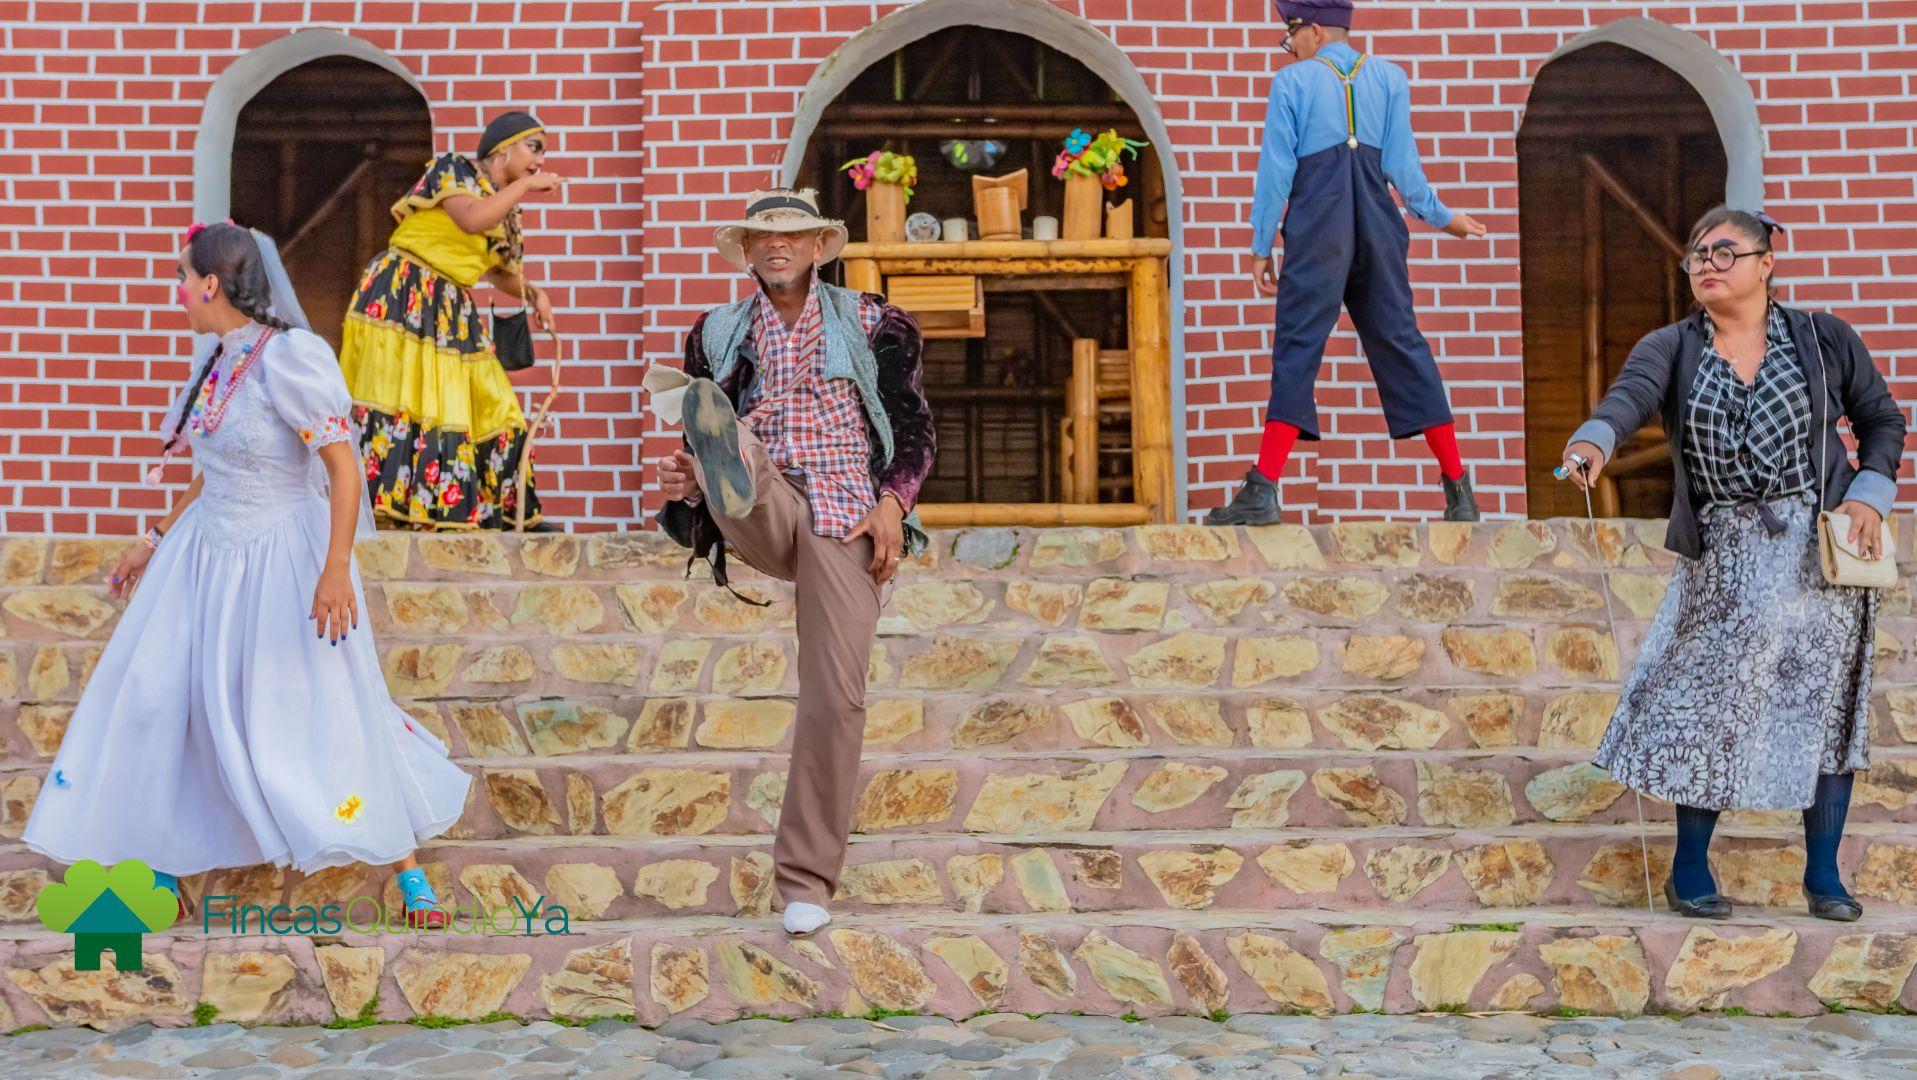 Varias personas en una obra de teatro en una pequeña plaza colonial